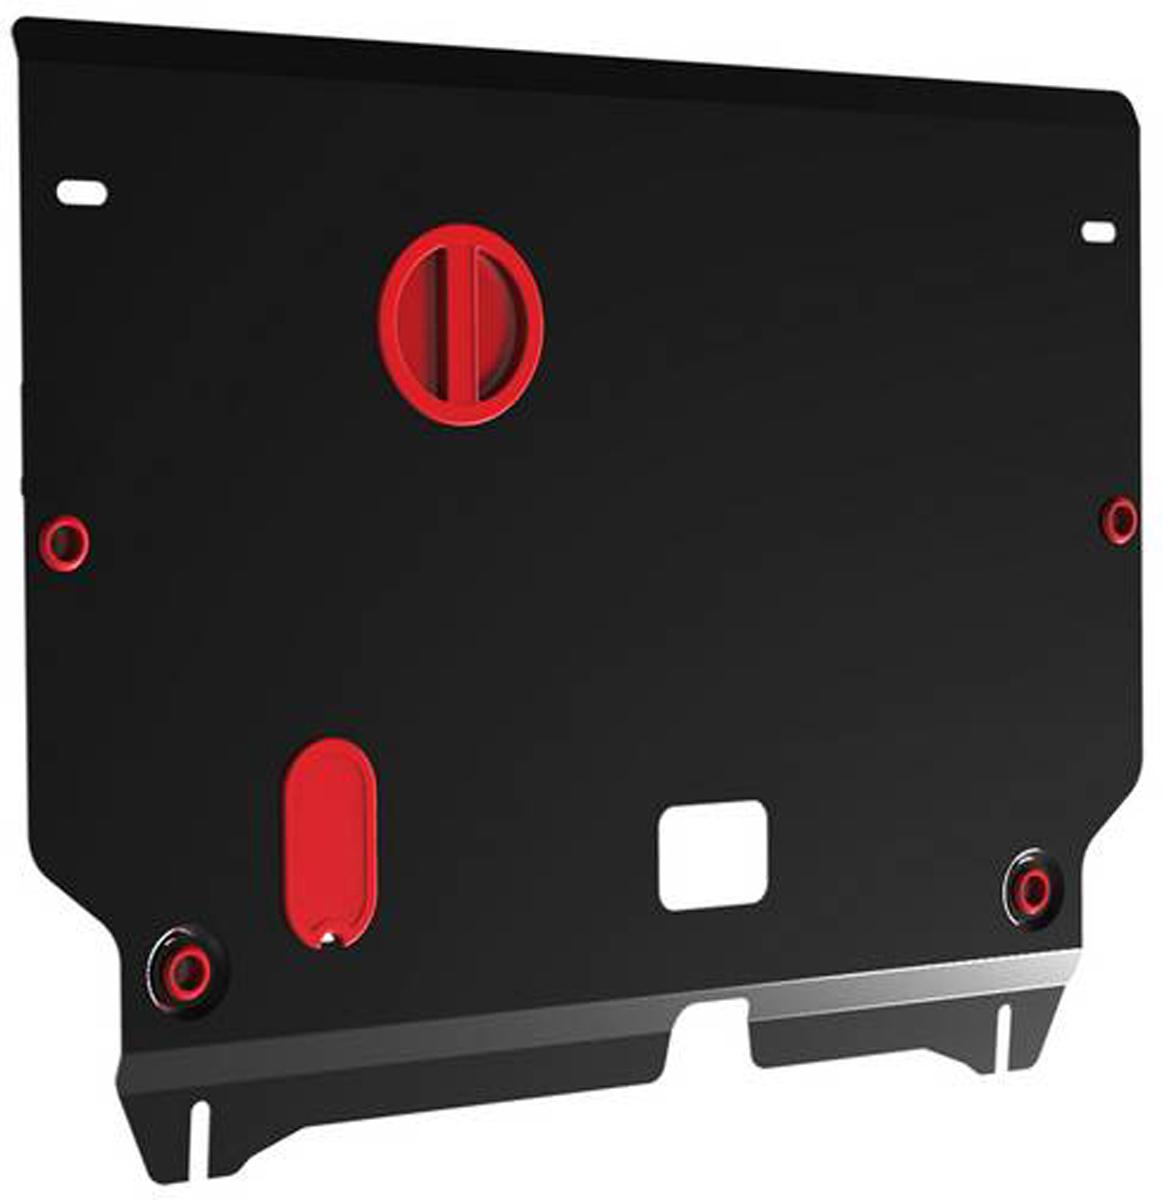 Защита картера и КПП Автоброня Kia Optima 2012-2016, сталь 2 мм111.02824.1Защита картера и КПП Автоброня Kia Optima, V - 2,4 2012-2016, сталь 2 мм, комплект крепежа, 111.02824.1Стальные защиты Автоброня надежно защищают ваш автомобиль от повреждений при наезде на бордюры, выступающие канализационные люки, кромки поврежденного асфальта или при ремонте дорог, не говоря уже о загородных дорогах.- Имеют оптимальное соотношение цена-качество.- Спроектированы с учетом особенностей автомобиля, что делает установку удобной.- Защита устанавливается в штатные места кузова автомобиля.- Является надежной защитой для важных элементов на протяжении долгих лет.- Глубокий штамп дополнительно усиливает конструкцию защиты.- Подштамповка в местах крепления защищает крепеж от срезания.- Технологические отверстия там, где они необходимы для смены масла и слива воды, оборудованные заглушками, закрепленными на защите.Толщина стали 2 мм.В комплекте крепеж и инструкция по установке.Уважаемые клиенты!Обращаем ваше внимание на тот факт, что защита имеет форму, соответствующую модели данного автомобиля. Наличие глубокого штампа и лючков для смены фильтров/масла предусмотрено не на всех защитах. Фото служит для визуального восприятия товара.